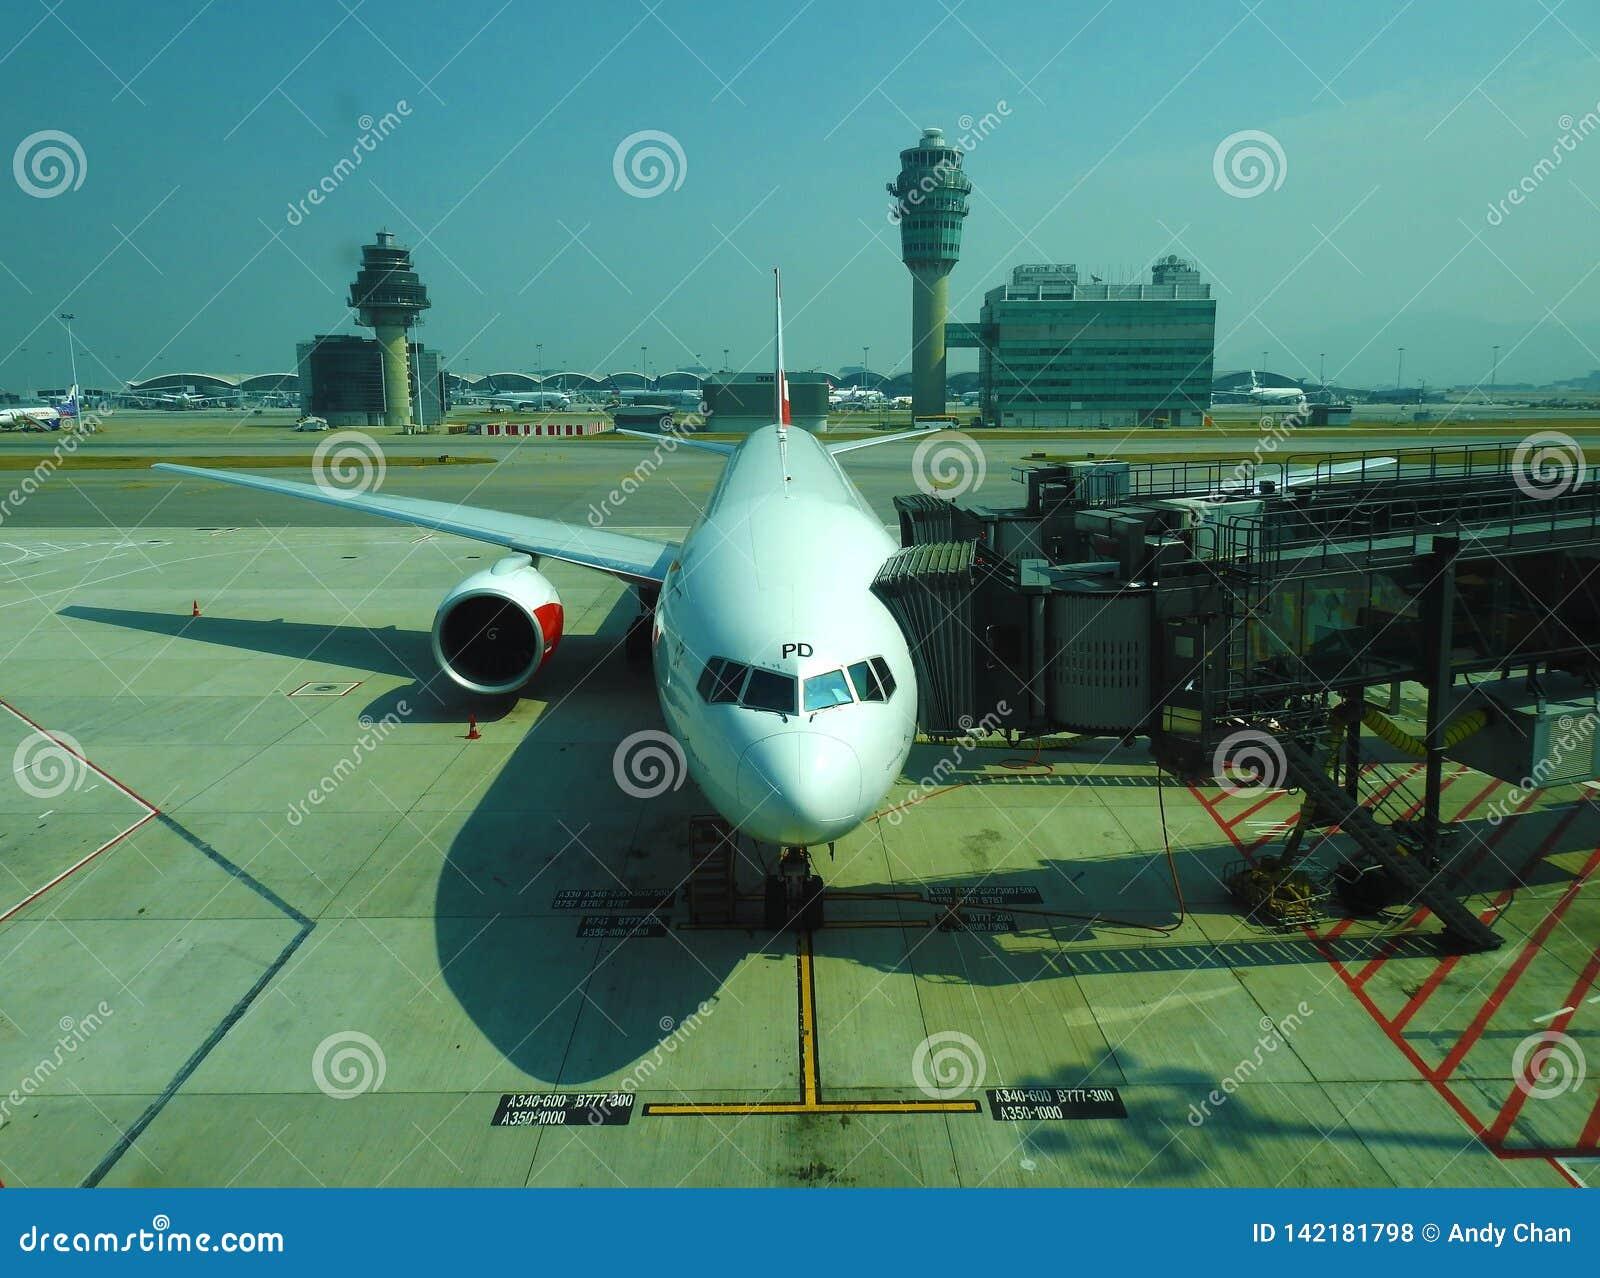 En nivå som parkeras i väntande på passagerare för HKIA för att stiga ombord